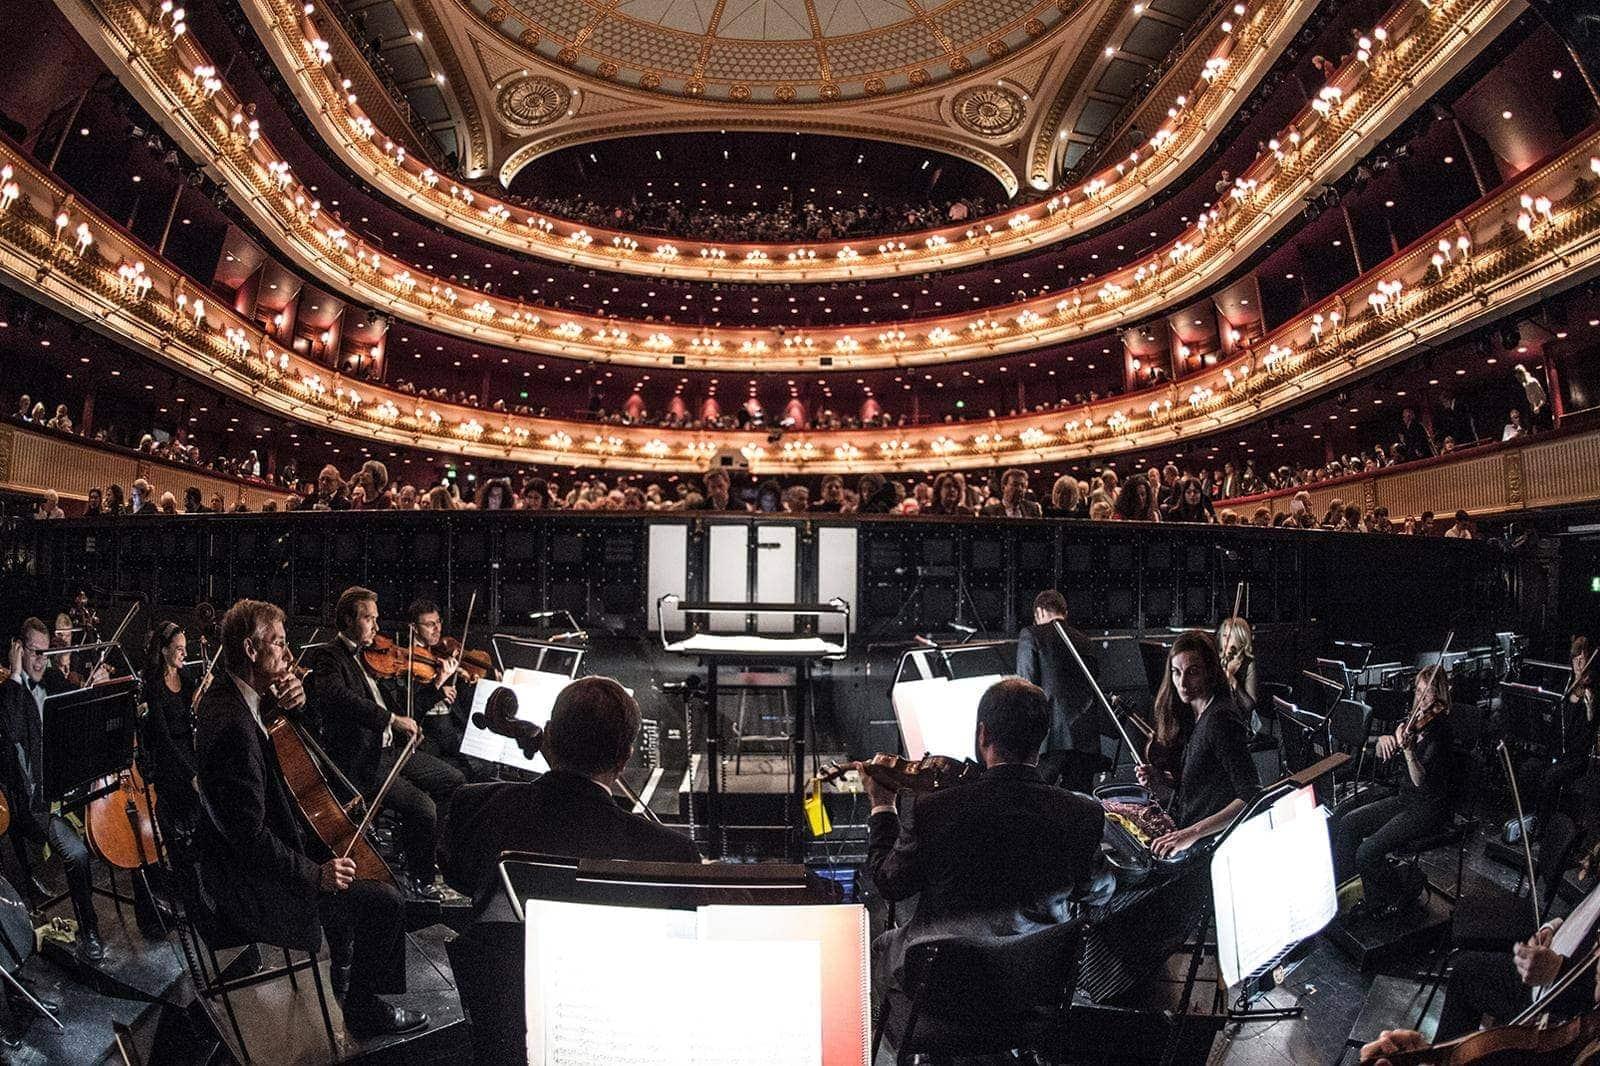 inside orchestra - Кто вы в мире академической музыки?